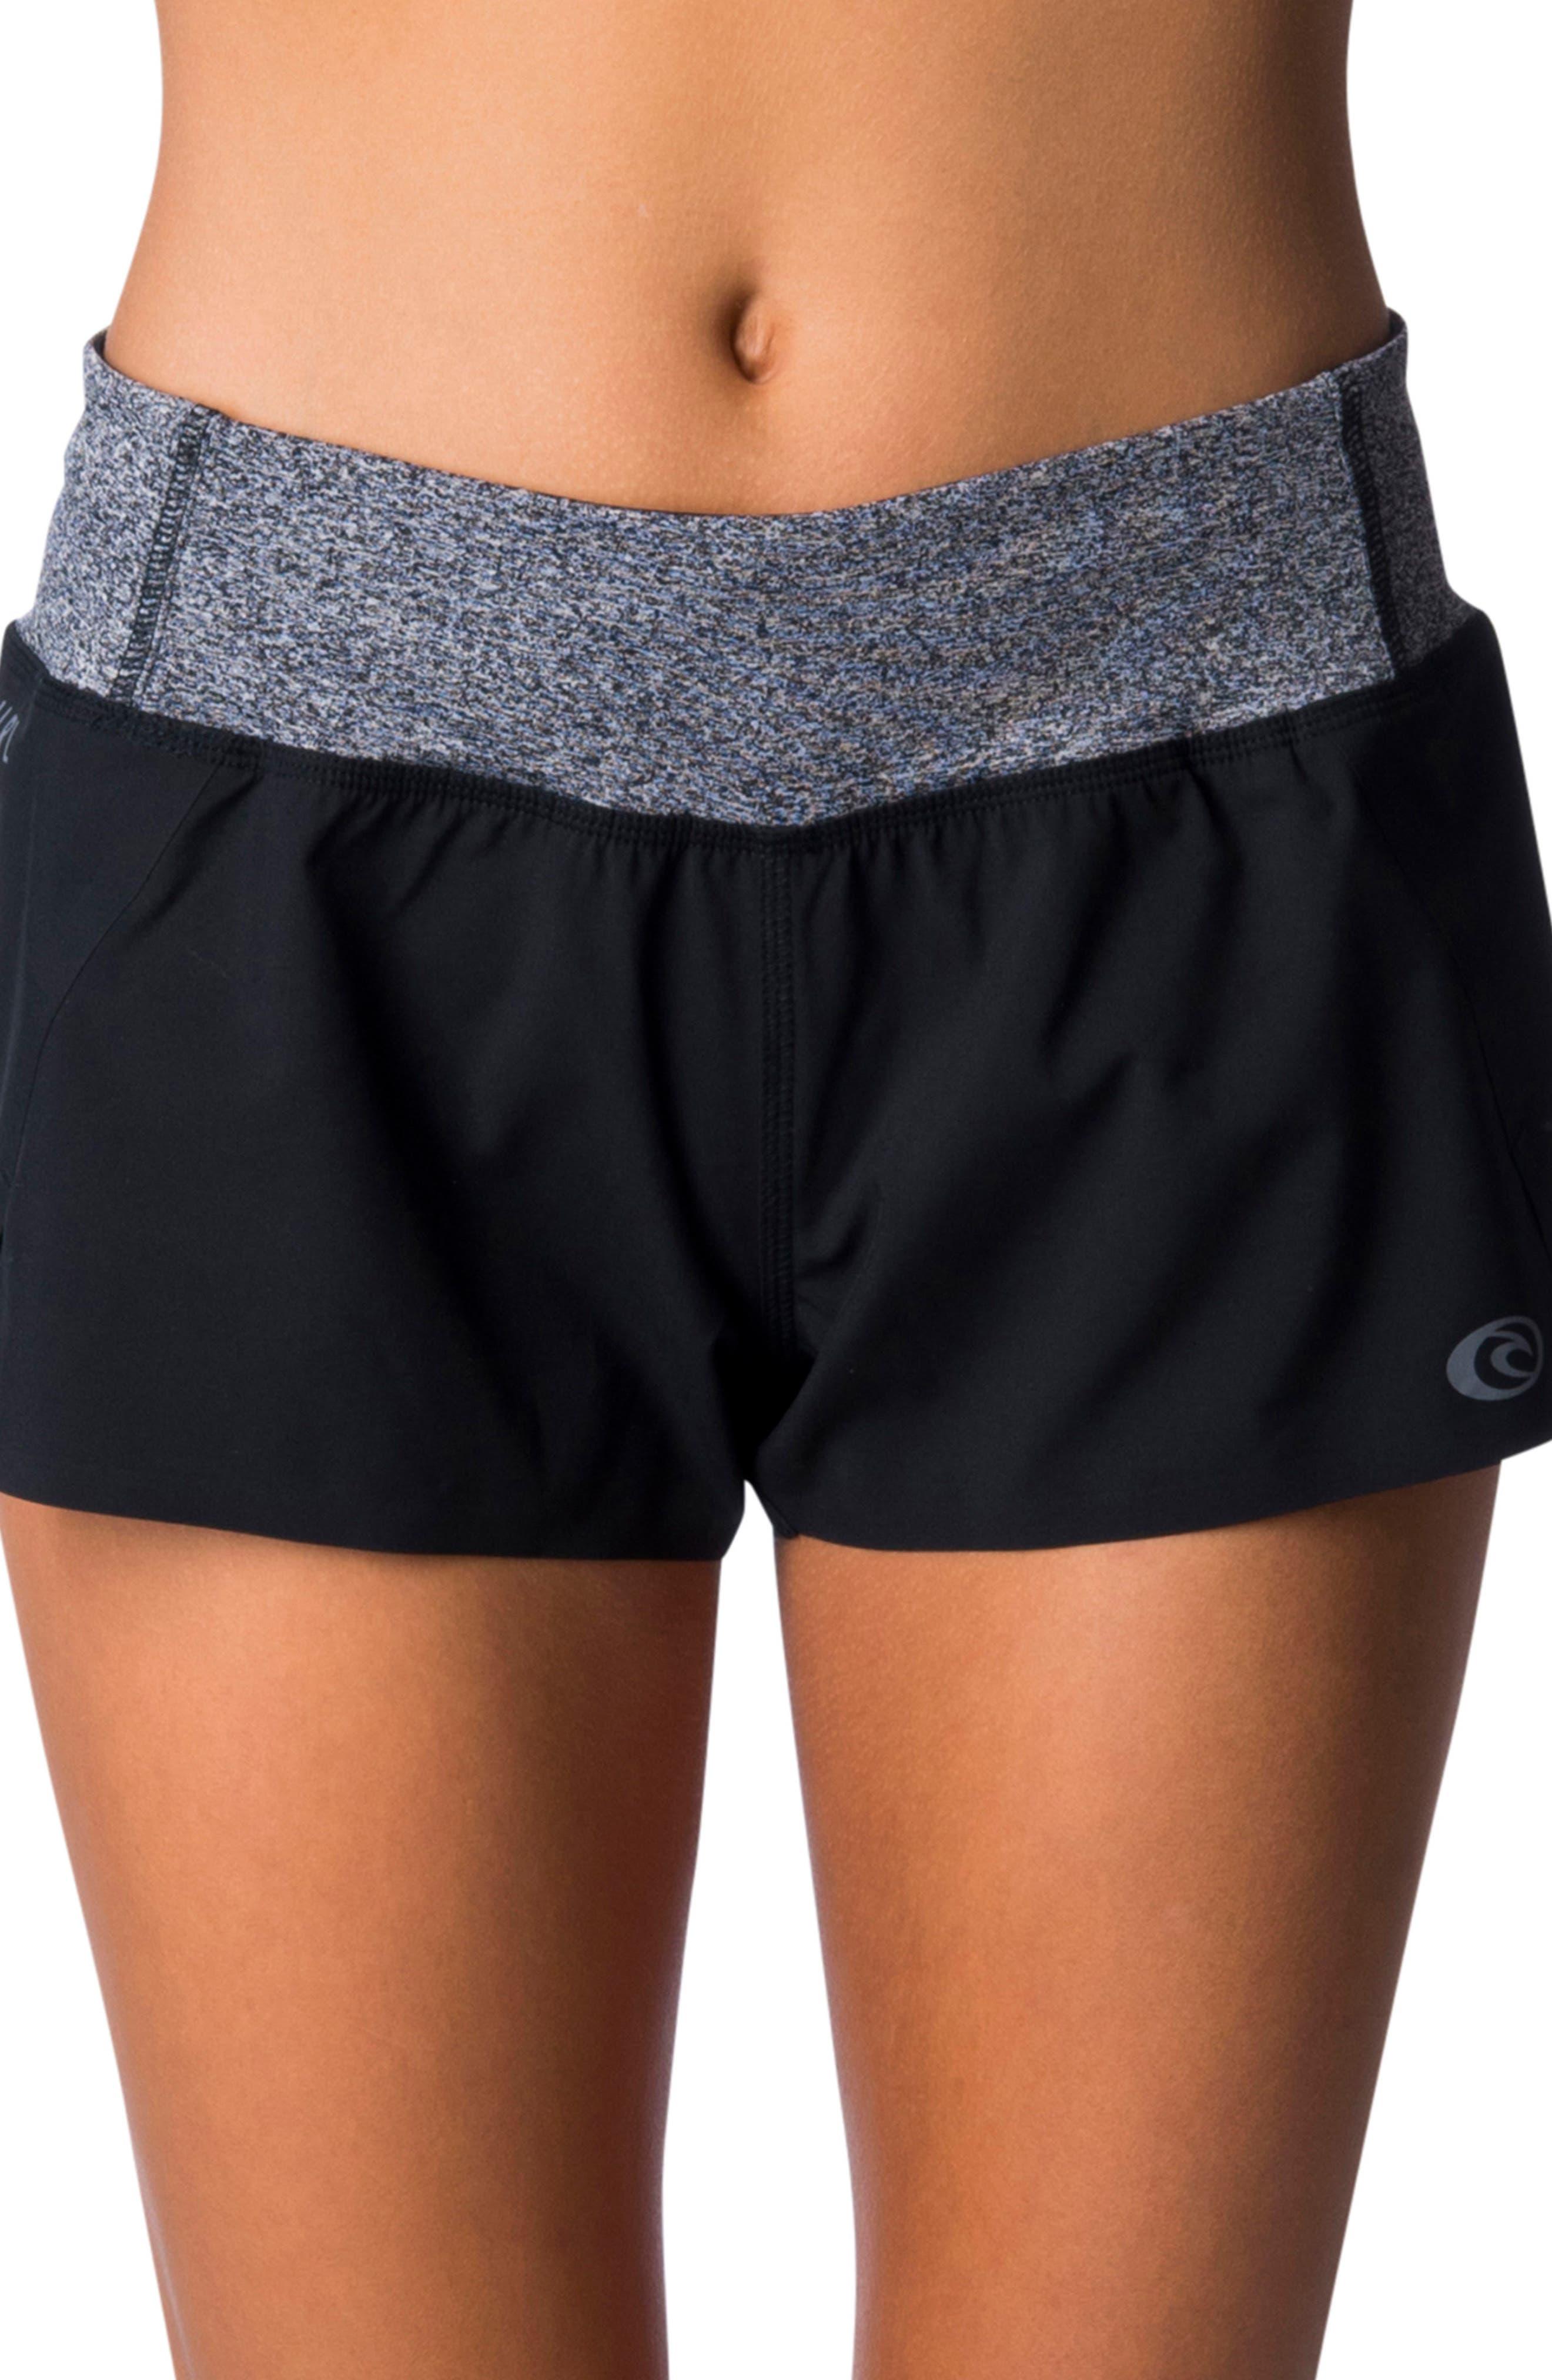 Mirage Board Shorts,                             Main thumbnail 1, color,                             Black